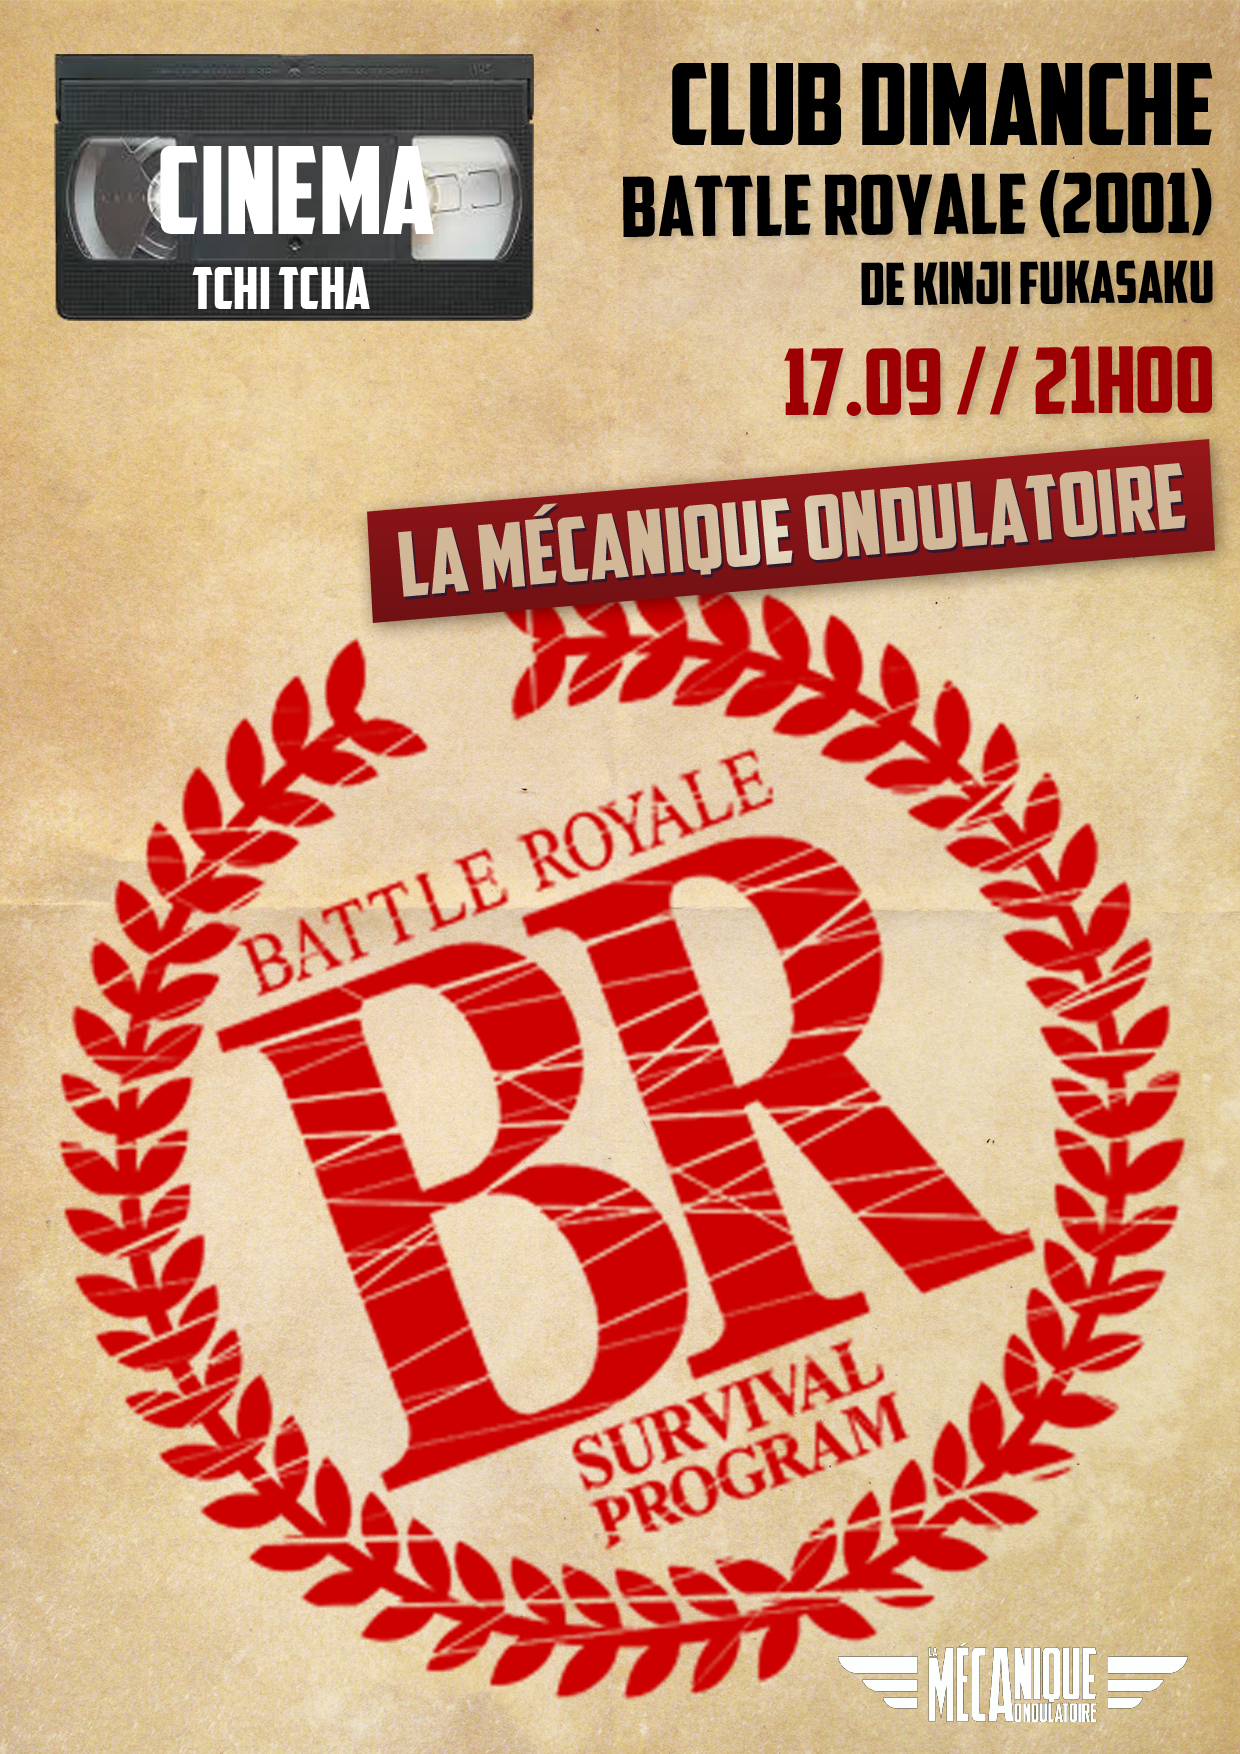 CLUB DIMANCHE x BATTLE ROYALE // 17.09